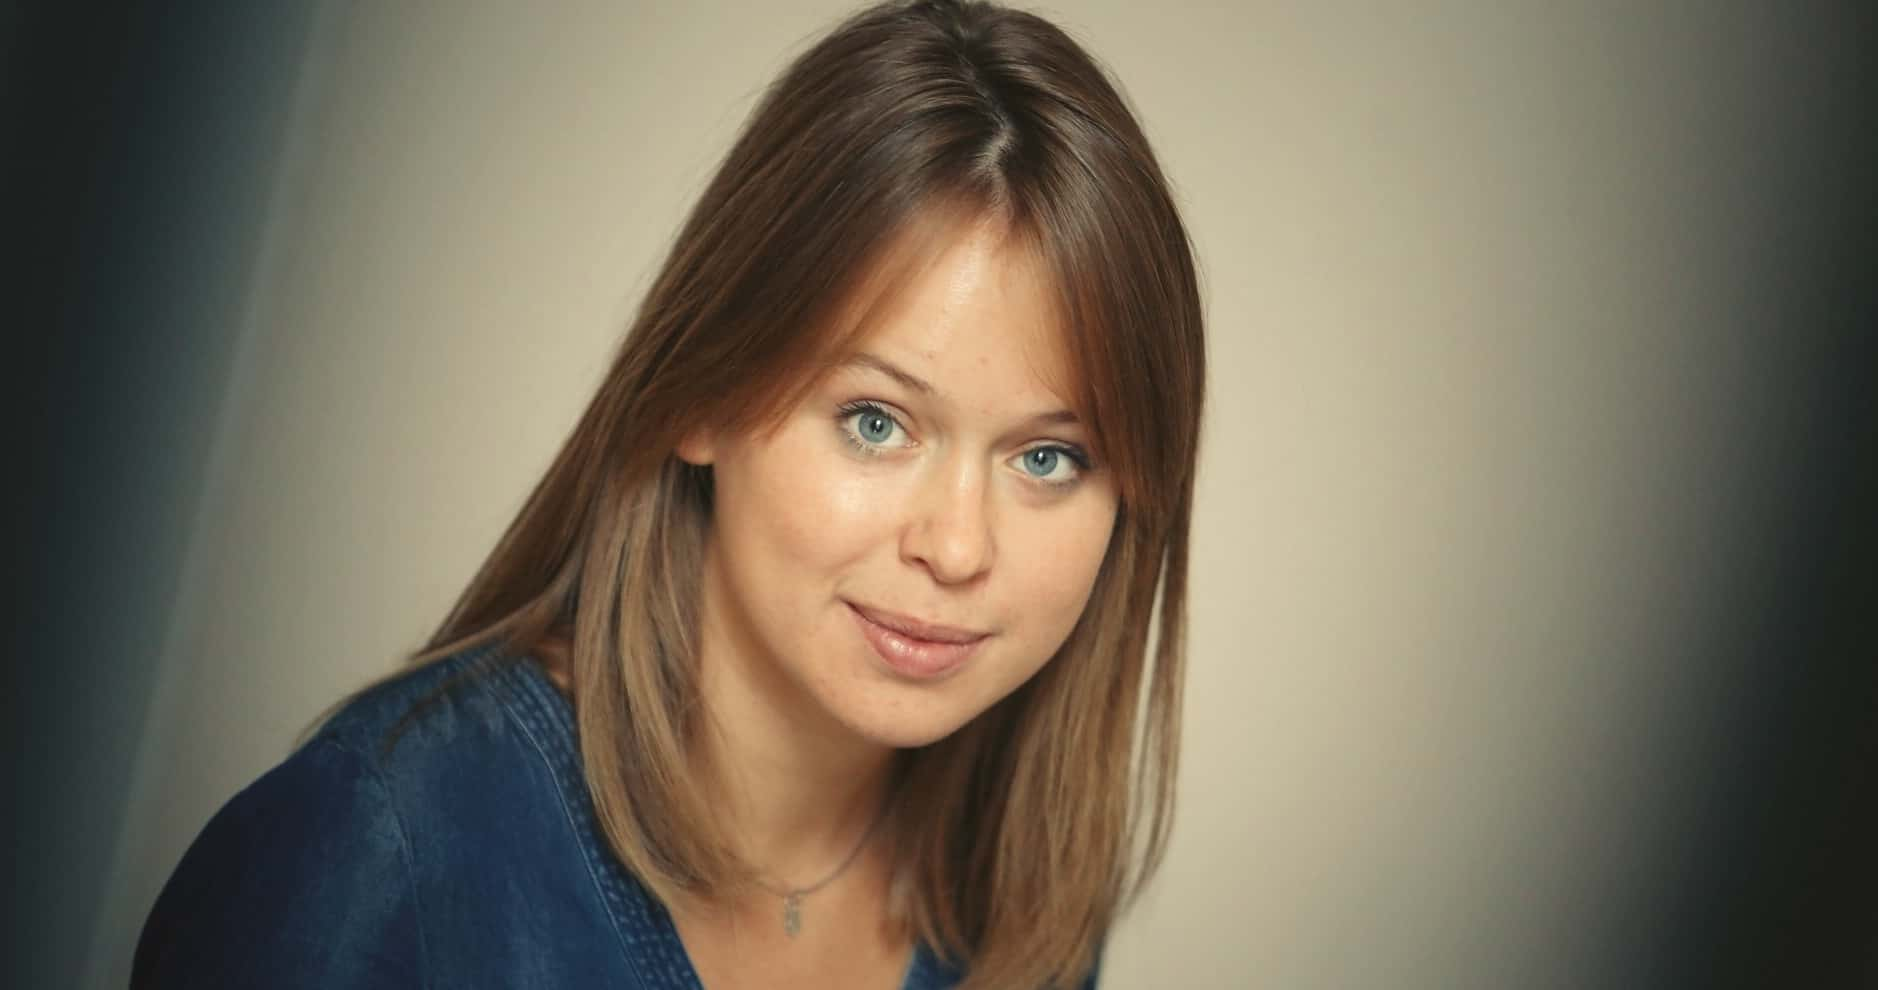 Лиза Ясько— народный депутат Украины отпартии «Слуга народа», председатель делегации Украины вПарламентской ассамблее Совета Европы.